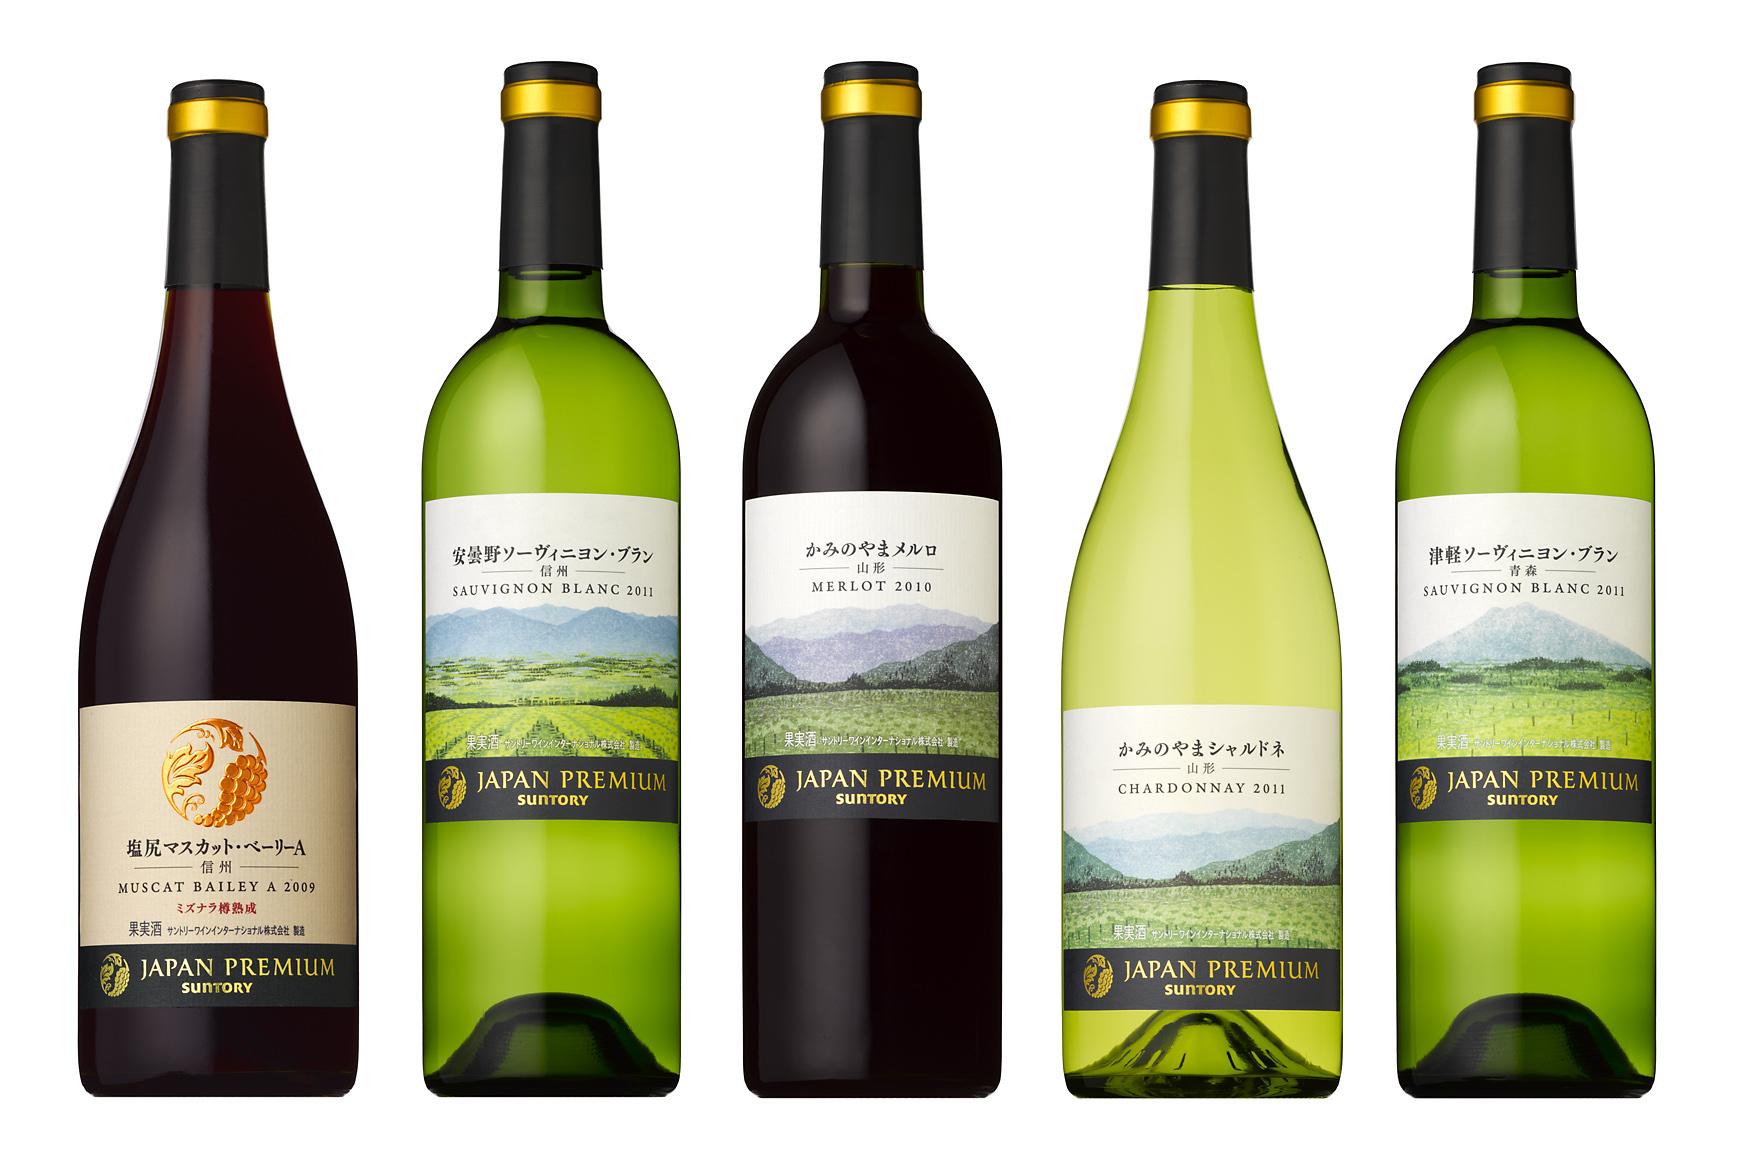 NAVER まとめ赤でも白でもない…最近人気の緑ワインって何?